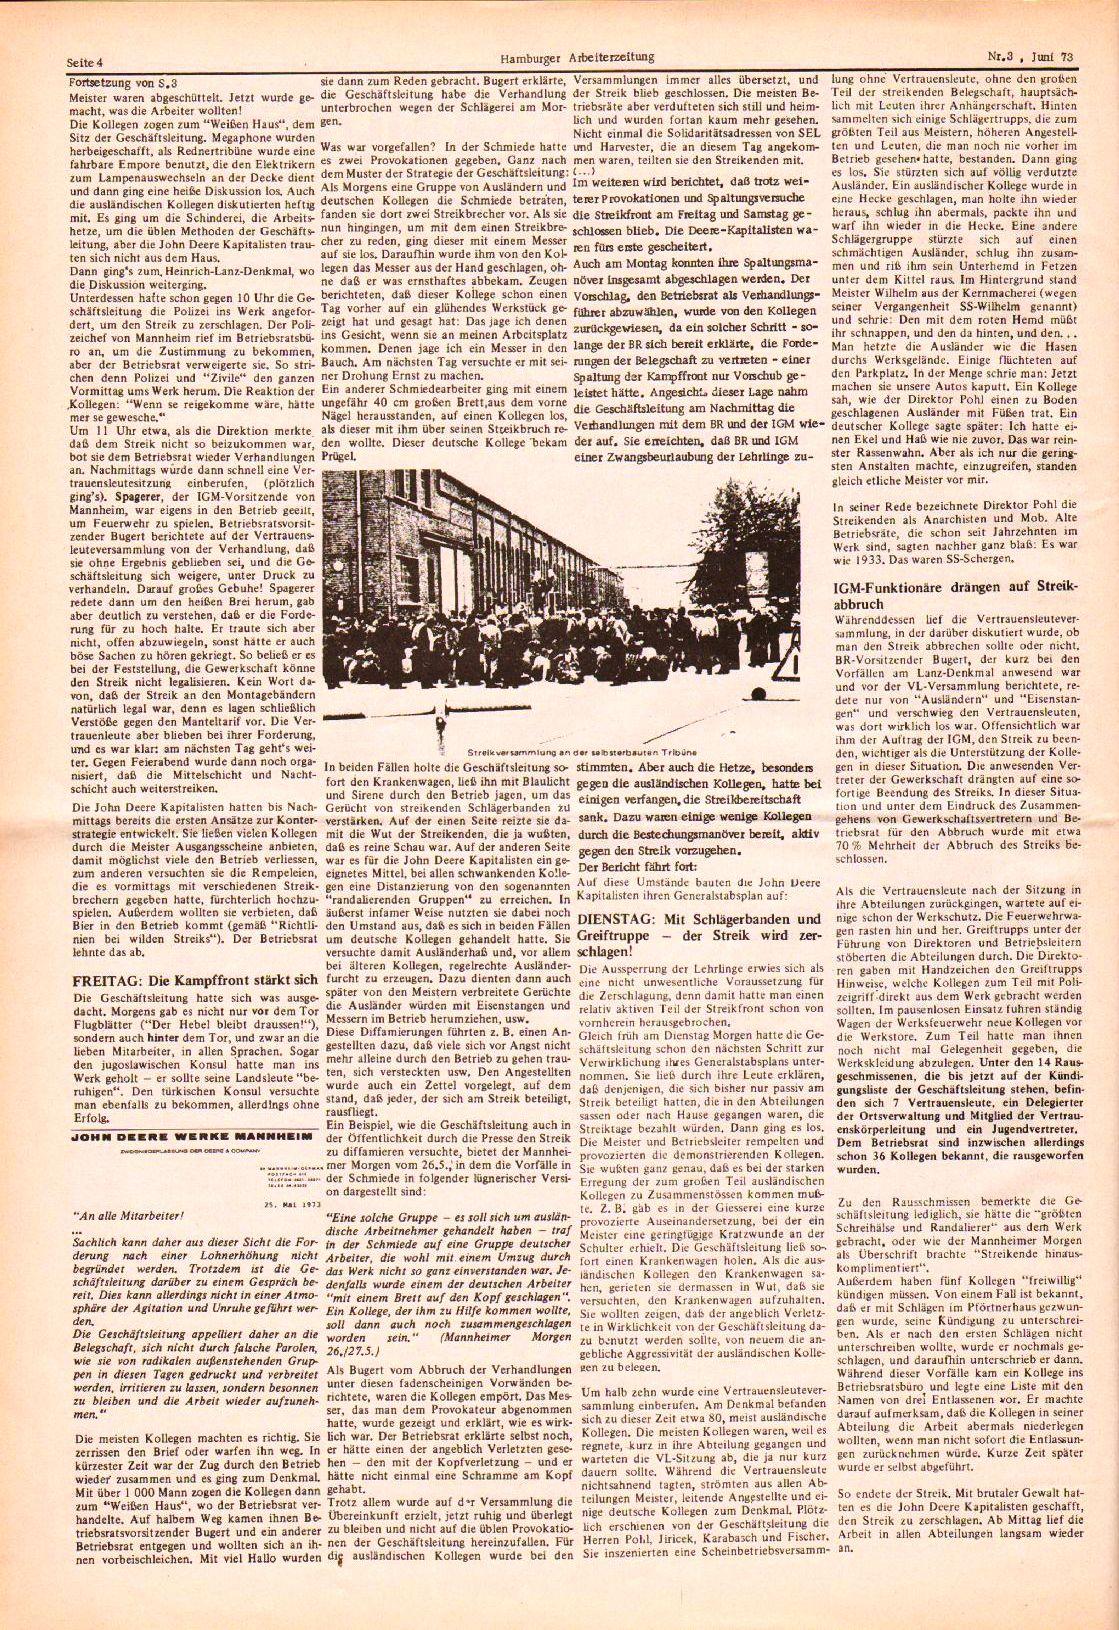 Hamburger_Arbeiterzeitung052